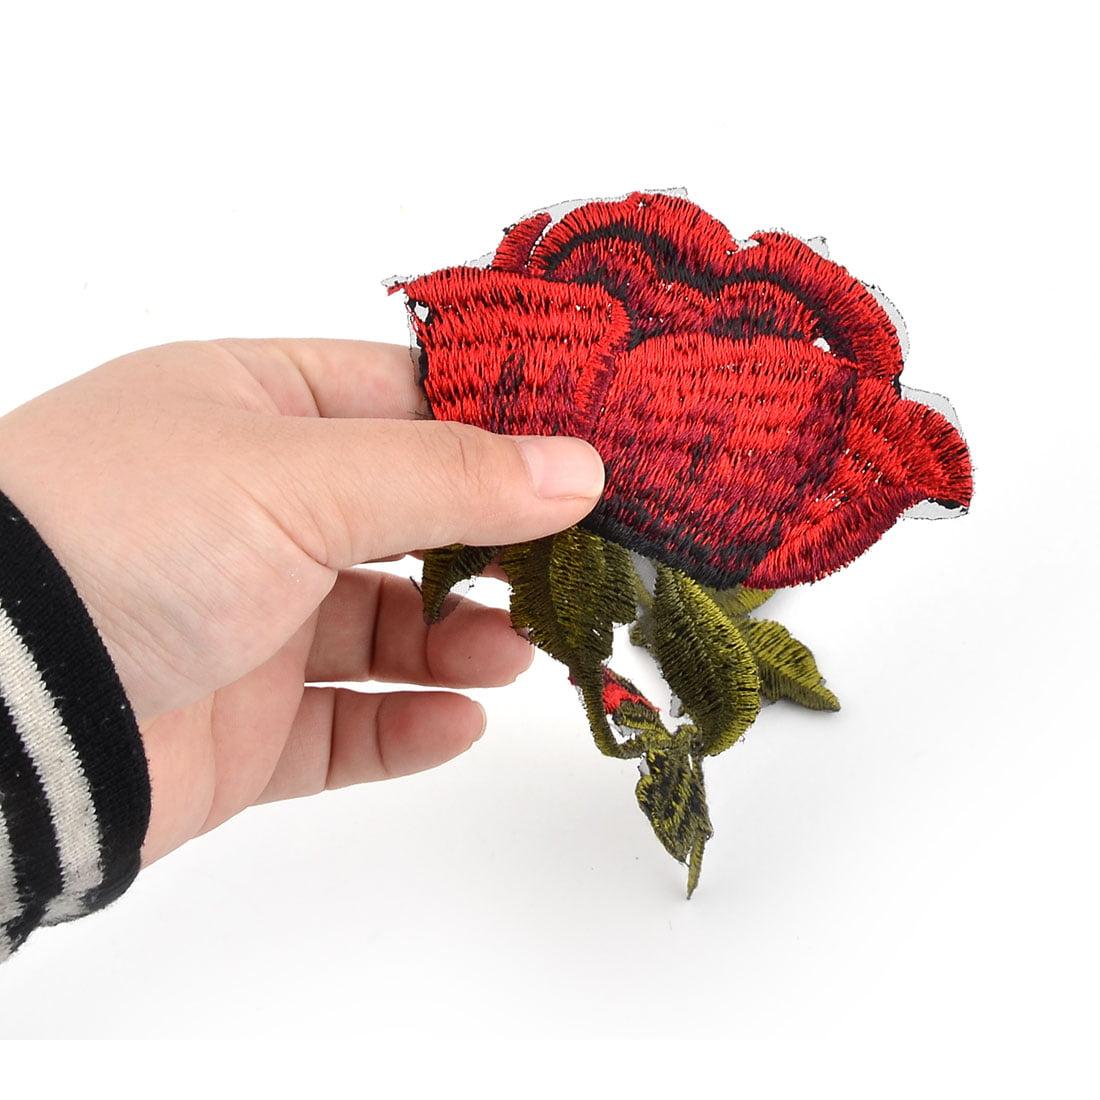 Unique Bargains Household Polyester Rose Design DIY Clothes Neckline Bag Ornament Lace Applique - image 3 of 4